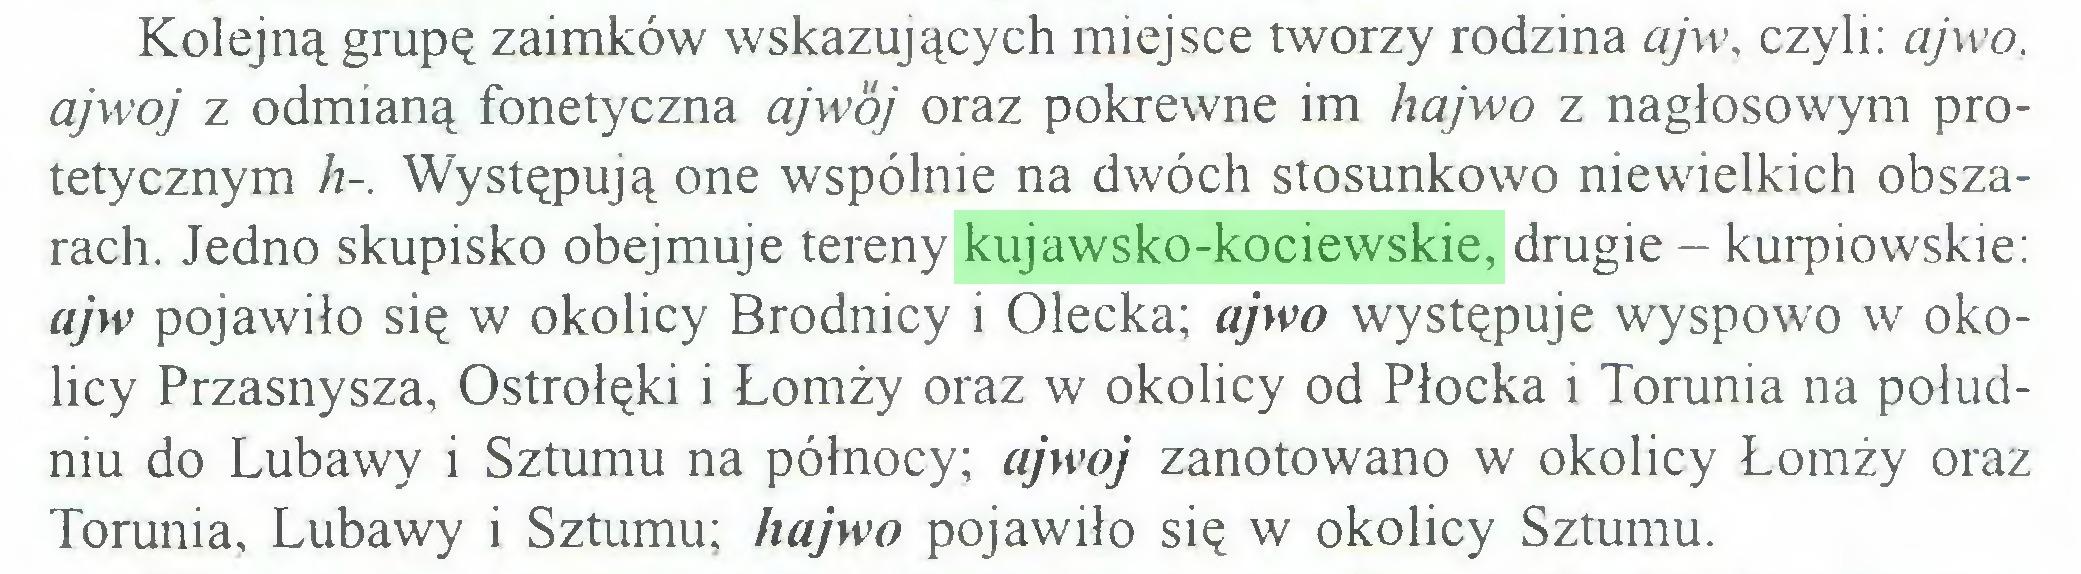 (...) Kolejną grupę zaimków wskazujących miejsce tworzy rodzina aj w, czyli: ajwo, ajwoj z odmianą fonetyczna ajwój oraz pokrewne im hajwo z nagłosowym protetycznym h-. Występują one wspólnie na dwóch stosunkowo niewielkich obszarach. Jedno skupisko obejmuje tereny kujawsko-kociewskie, drugie - kurpiowskie: ajw pojawiło się w okolicy Brodnicy i Olecka; ajwo występuje wyspowo w okolicy Przasnysza, Ostrołęki i Łomży oraz w okolicy od Płocka i Torunia na południu do Lubawy i Sztumu na północy; ajwoj zanotowano w okolicy Łomży oraz Torunia, Lubawy i Sztumu; hajwo pojawiło się w okolicy Sztumu...